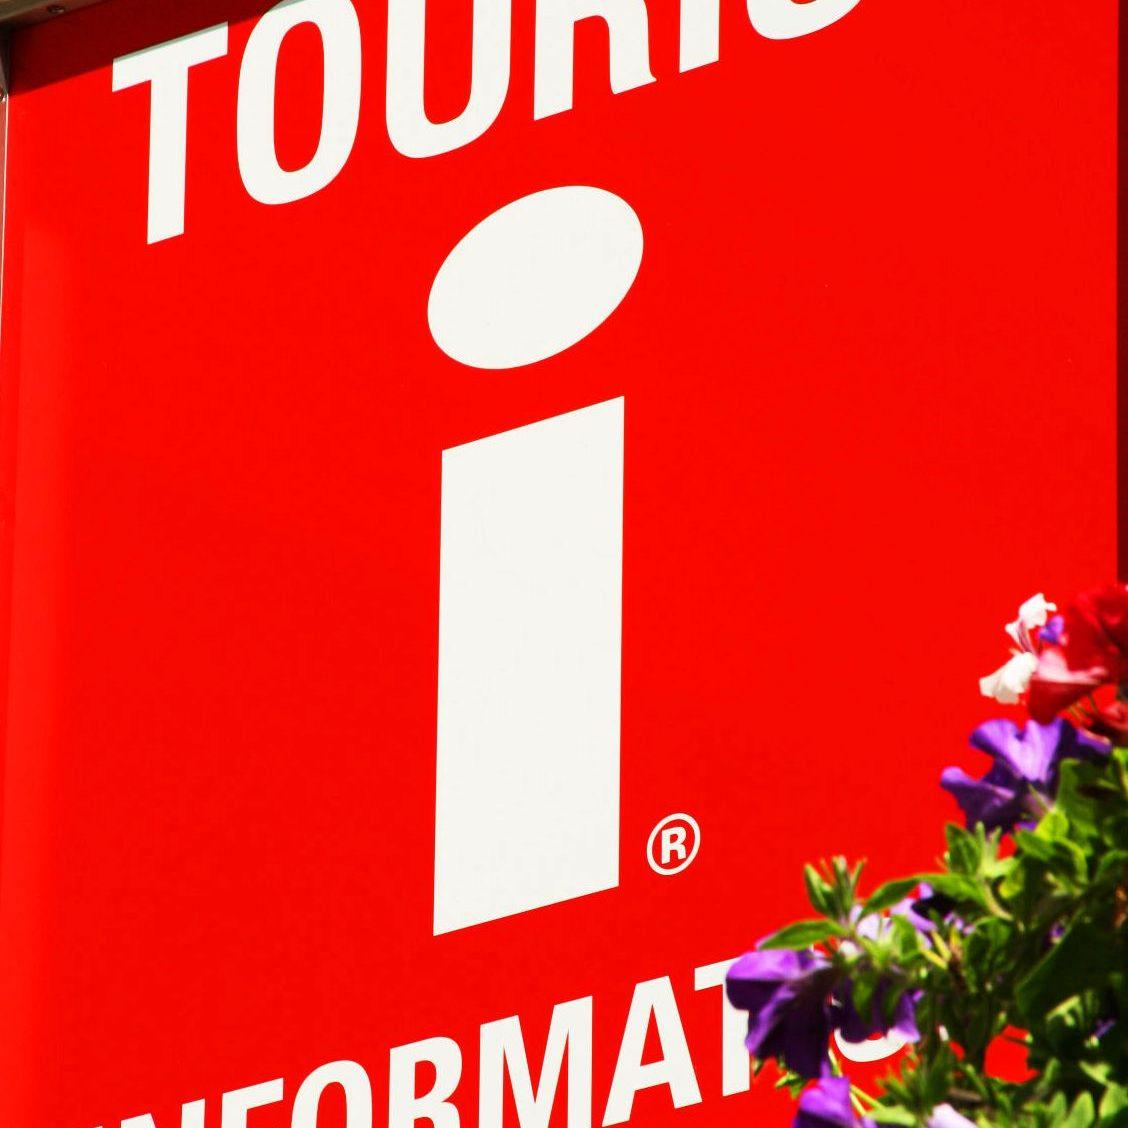 Touristinformation Arnstadt